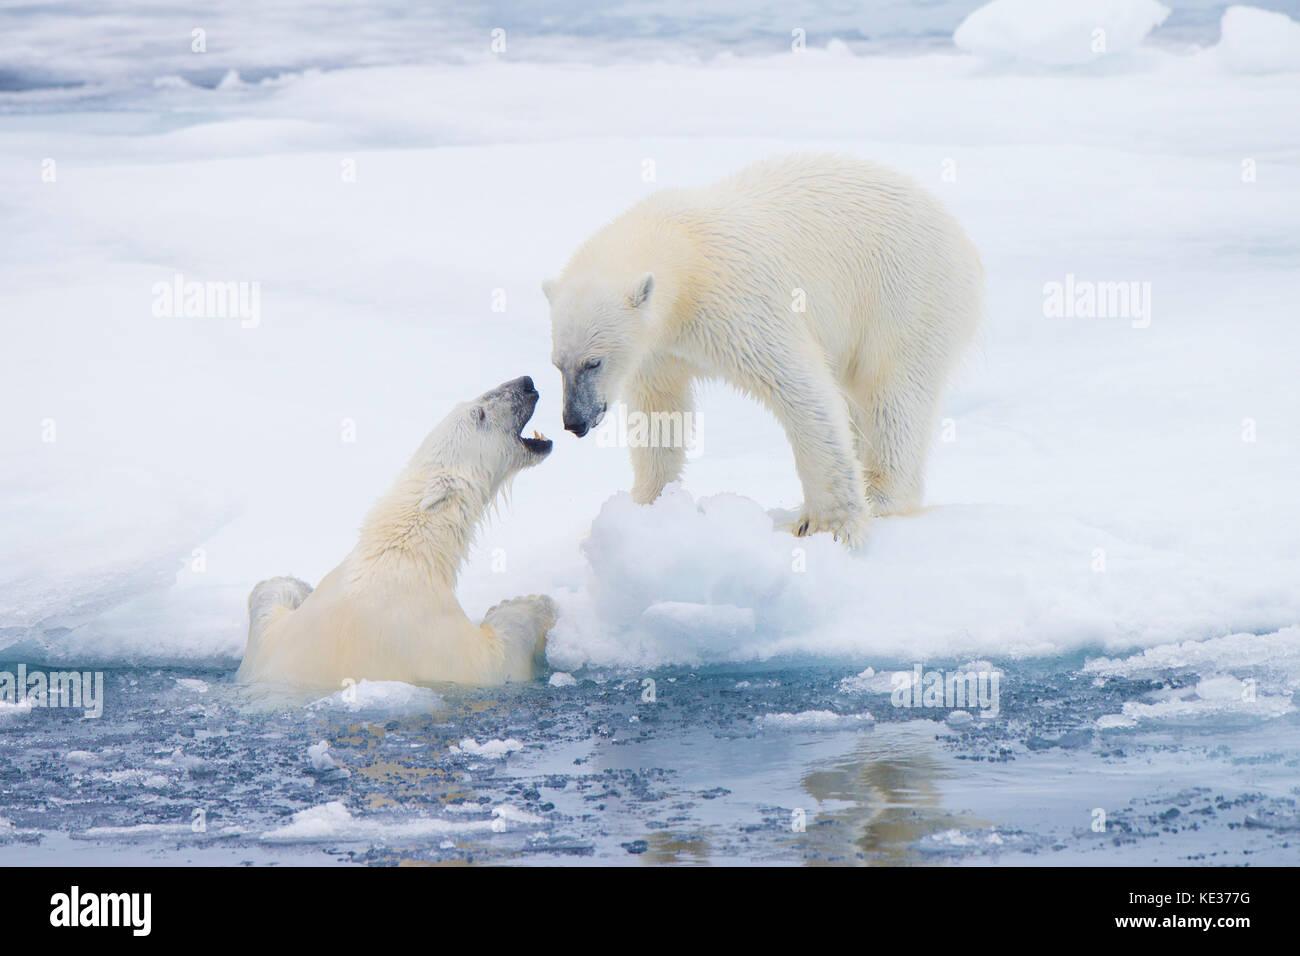 Femelle adulte l'ours blanc (Ursus maritimus) d'interagir sur la glace de mer, l'archipel de Svalbard, Photo Stock